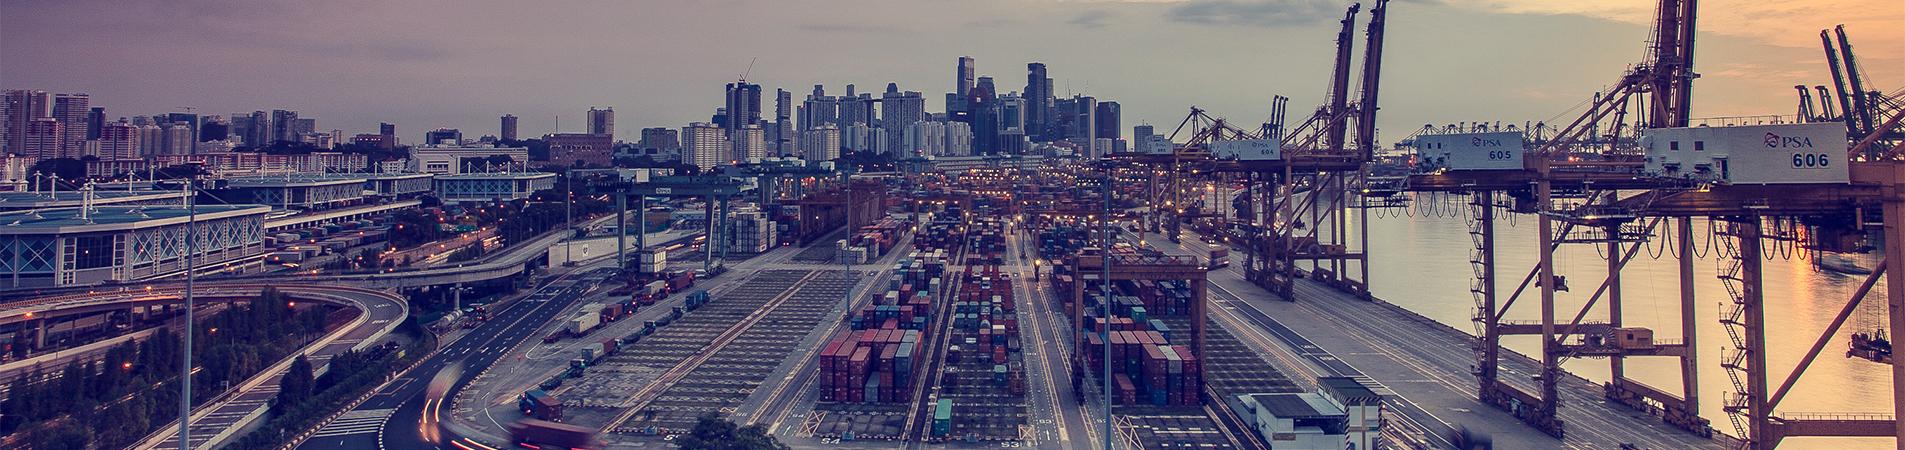 Foto van een industrieterrein met een stad op de achtergrond